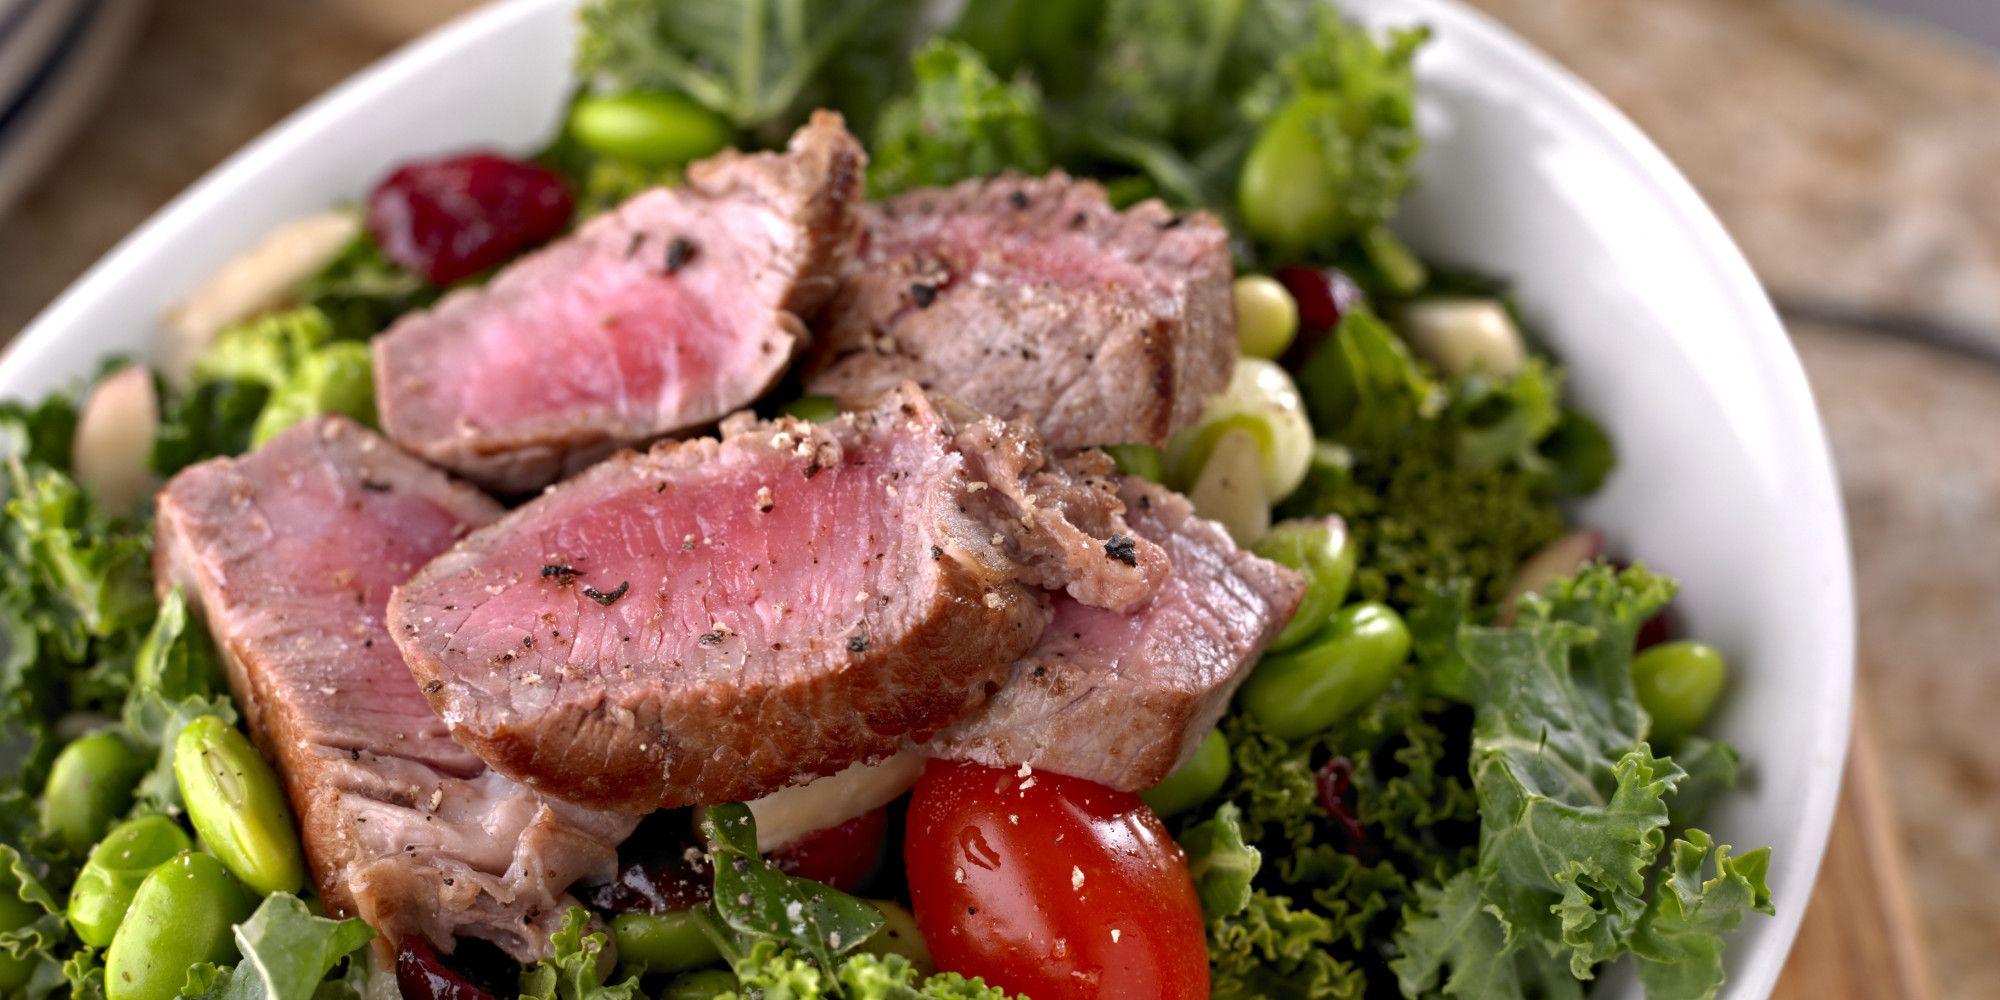 Prato com carne e salada